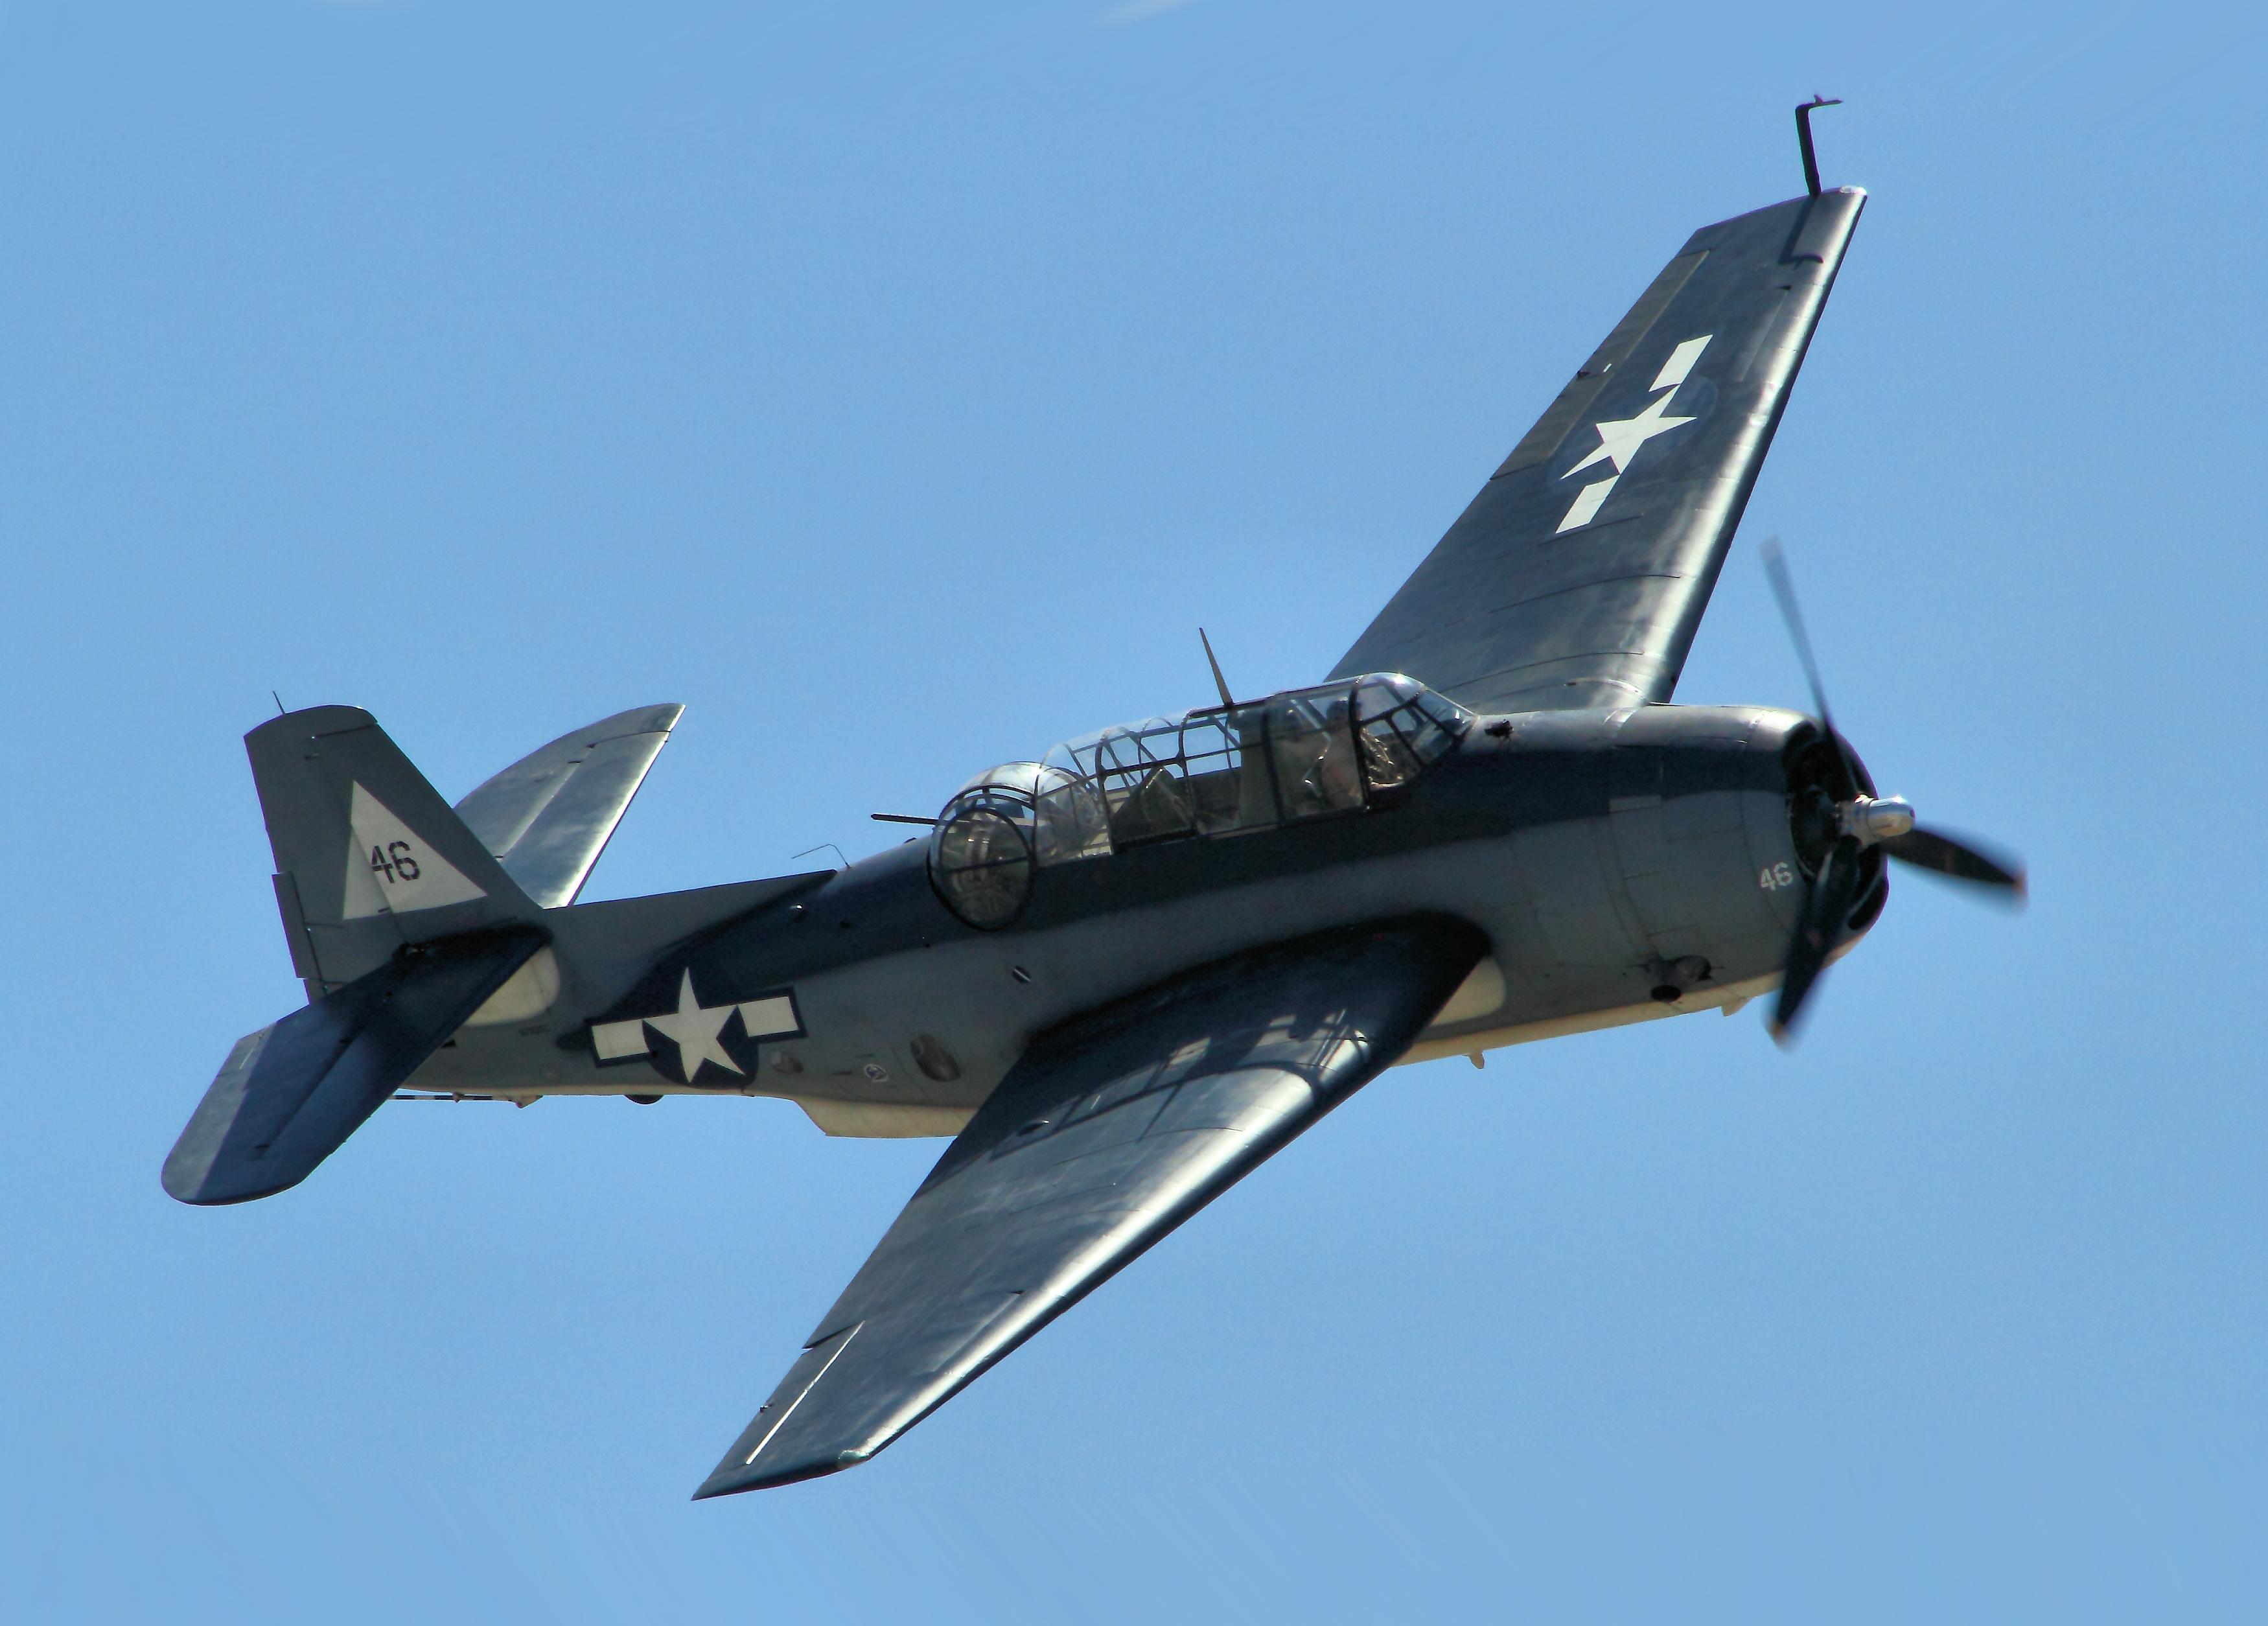 TBM3_Avenger_-_Chino_Airshow_2014_%28143